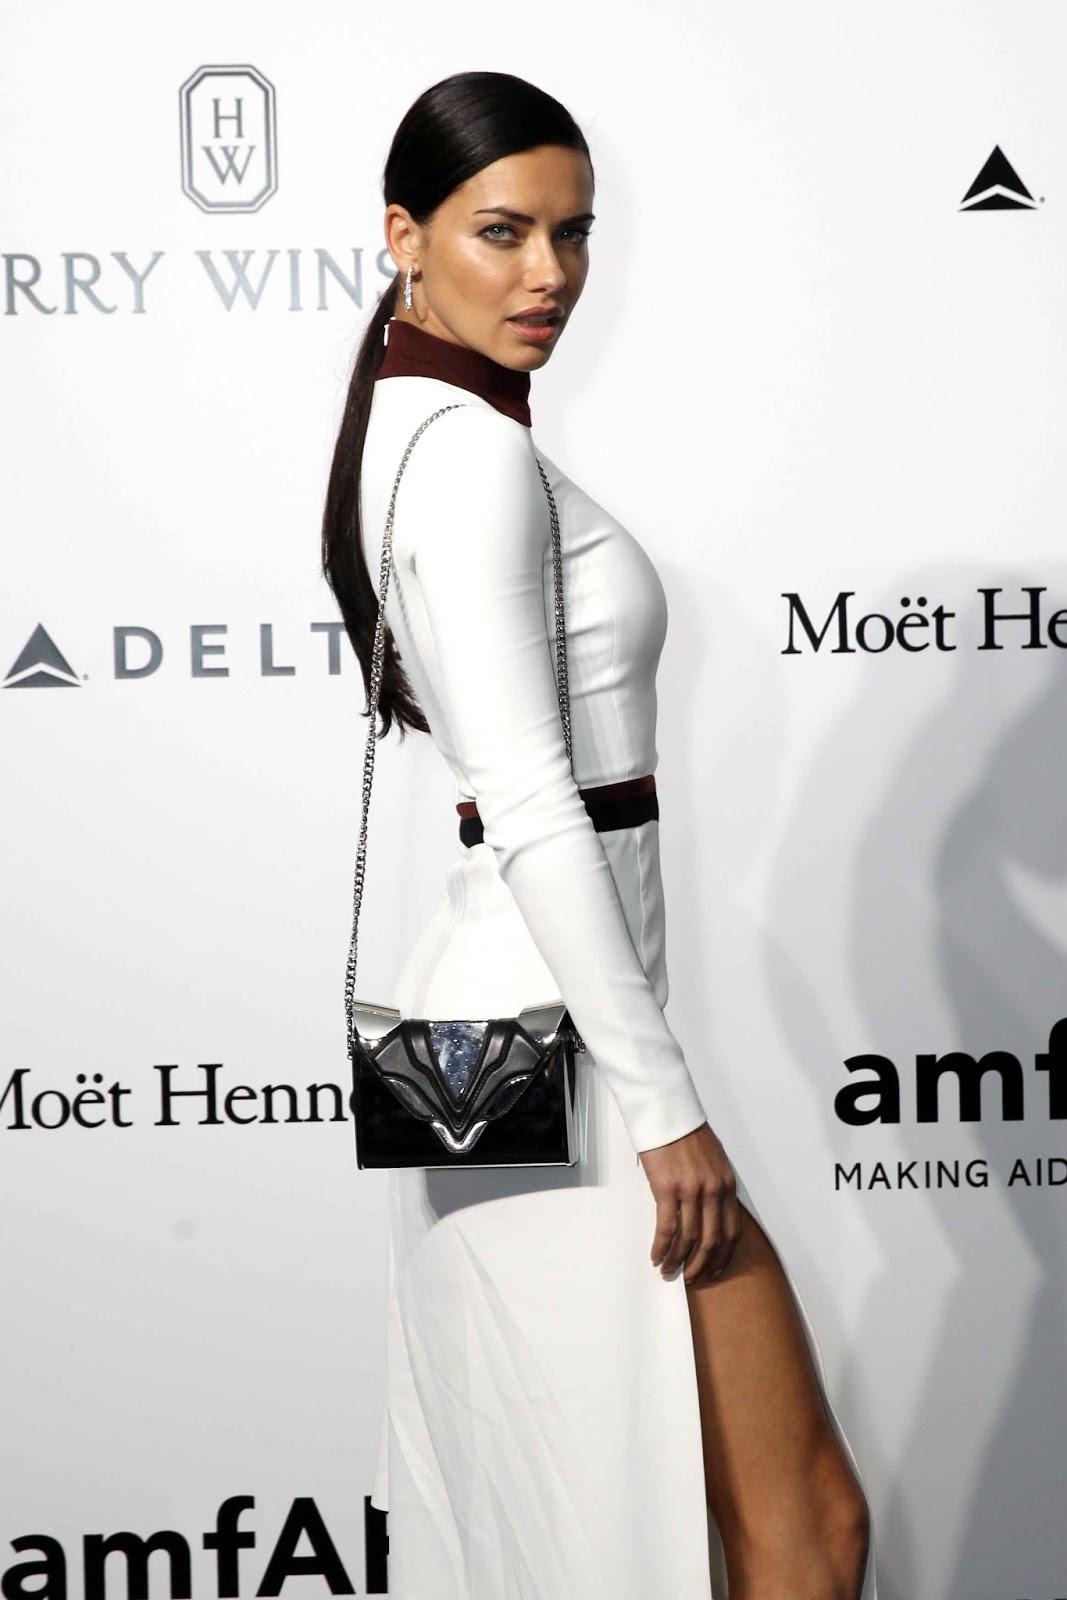 Adriana Lima at amFAR Gala in Milan 2016